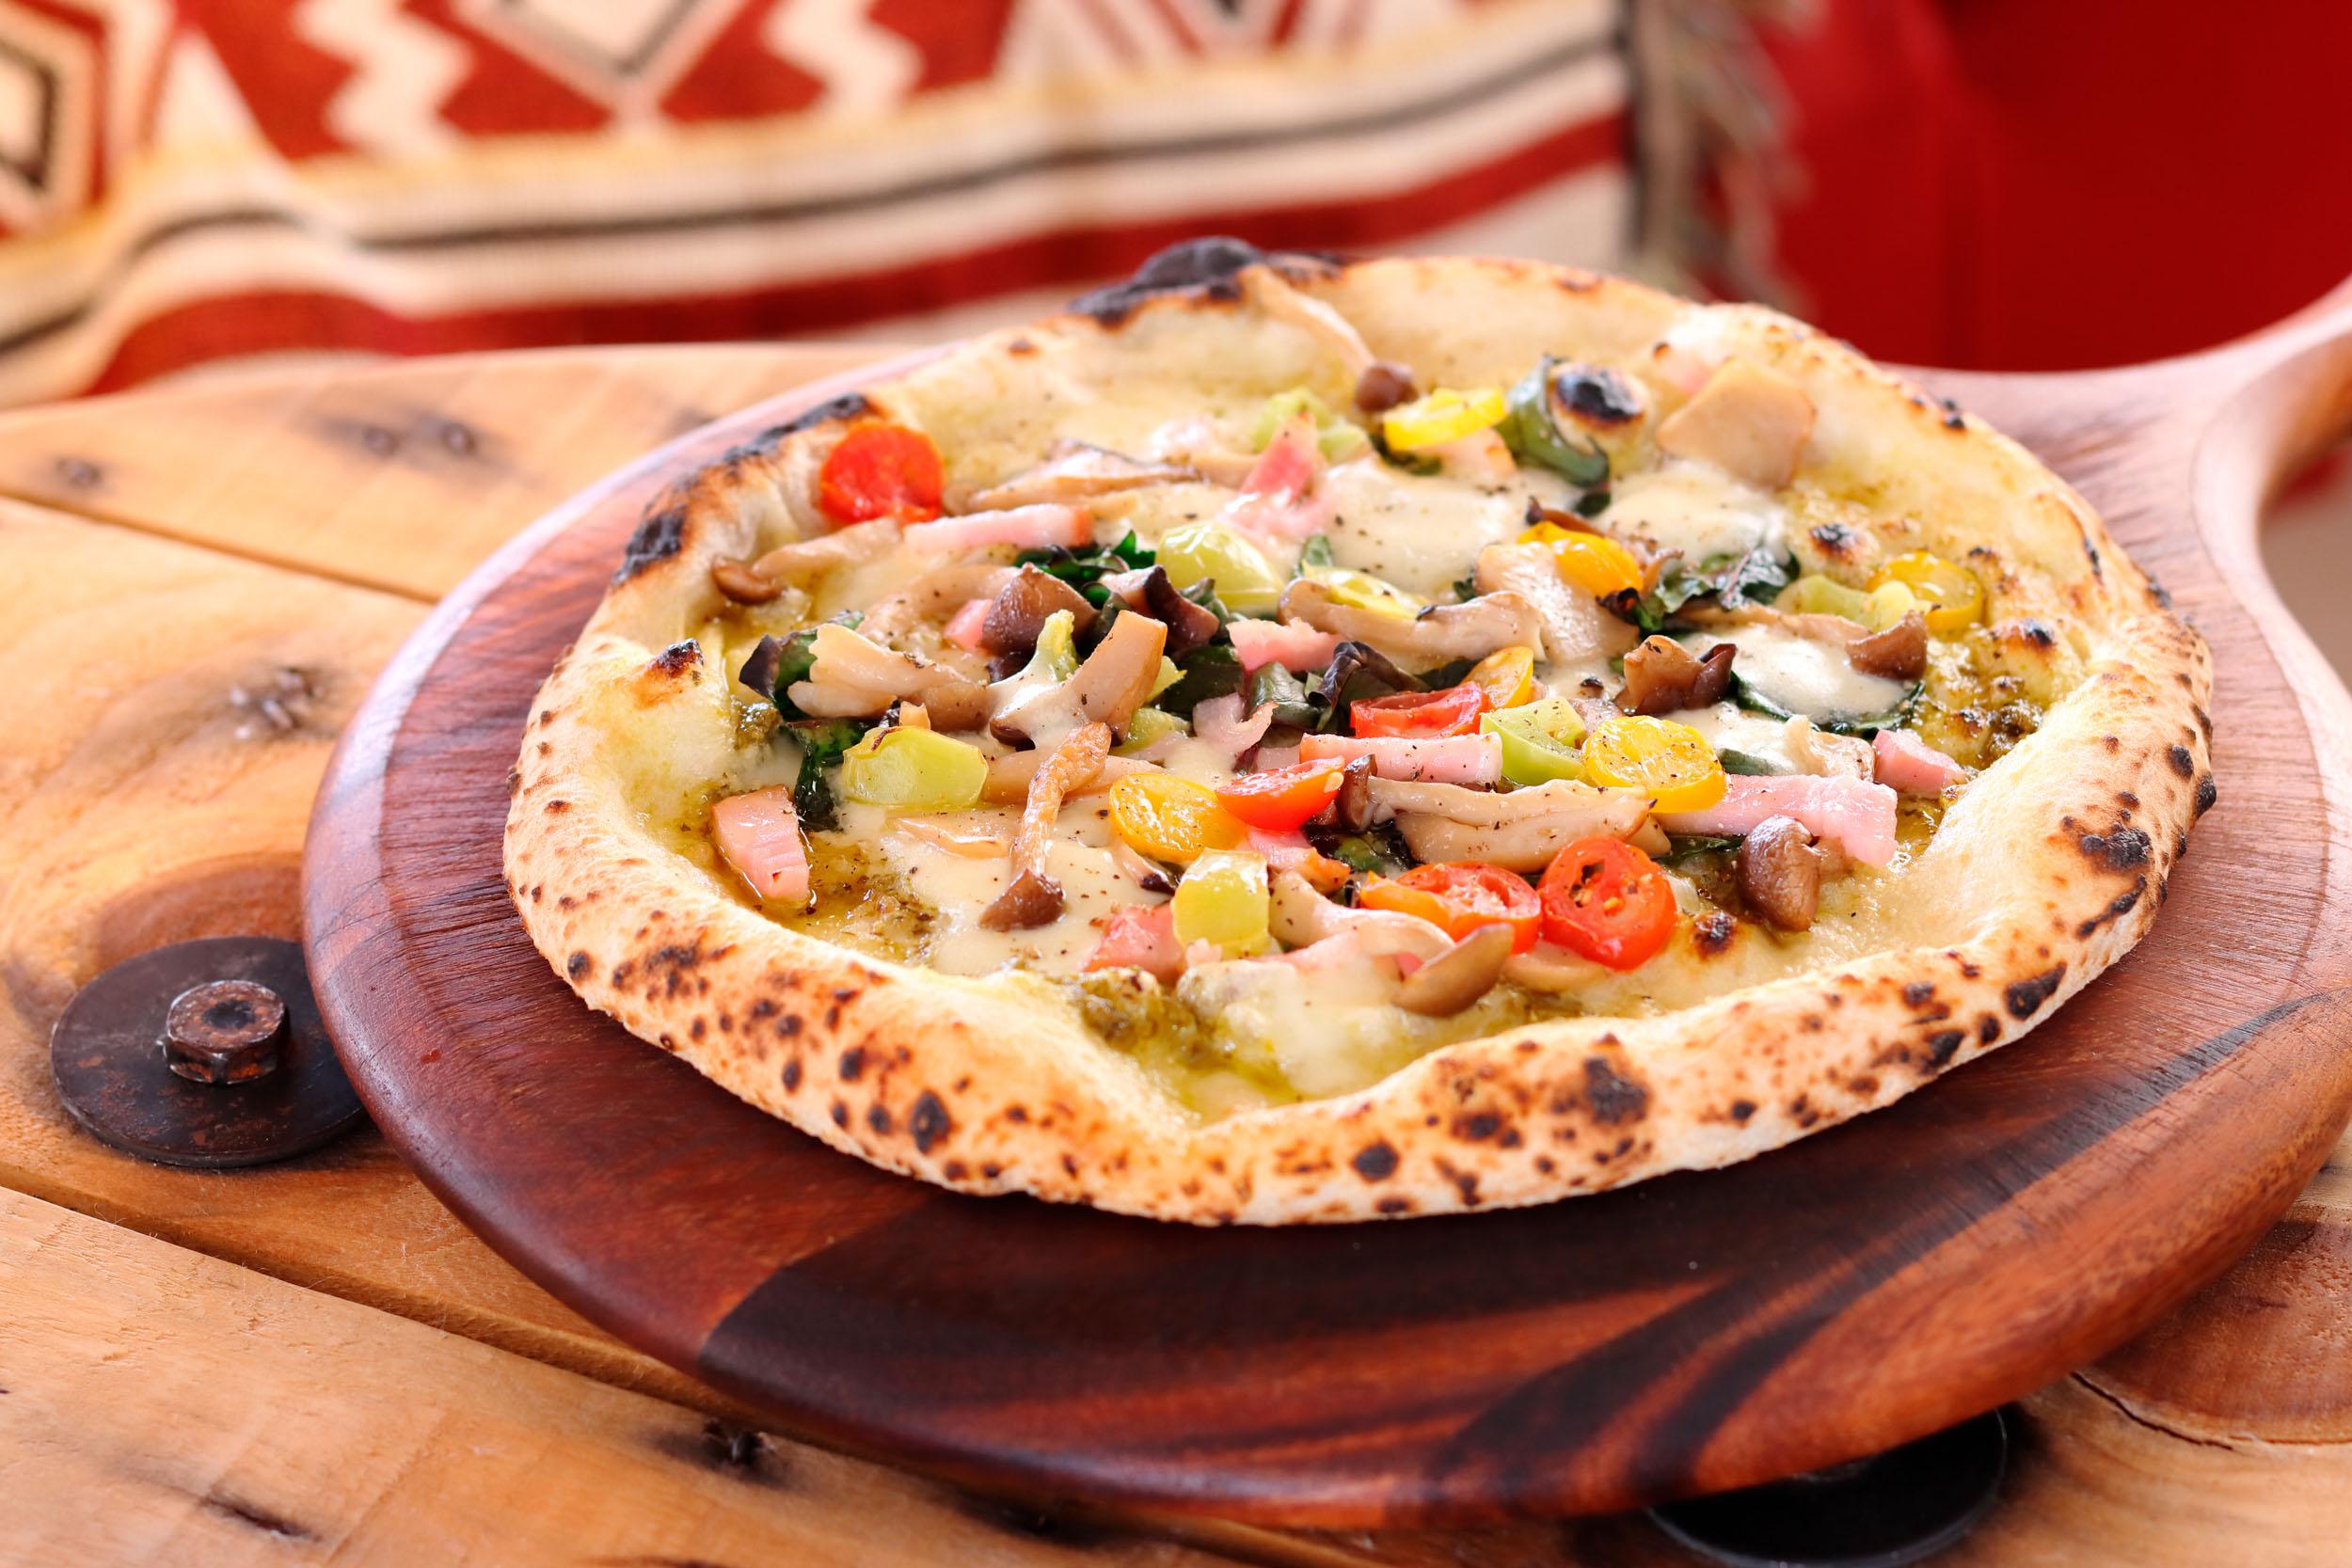 旬の野菜 pizza 1400円。ジェノベーゼソースをベースに、ミニトマトやほうれん草、キノコ、ベーコンなど盛りだくさん。グラナパダーノチーズをアクセントに